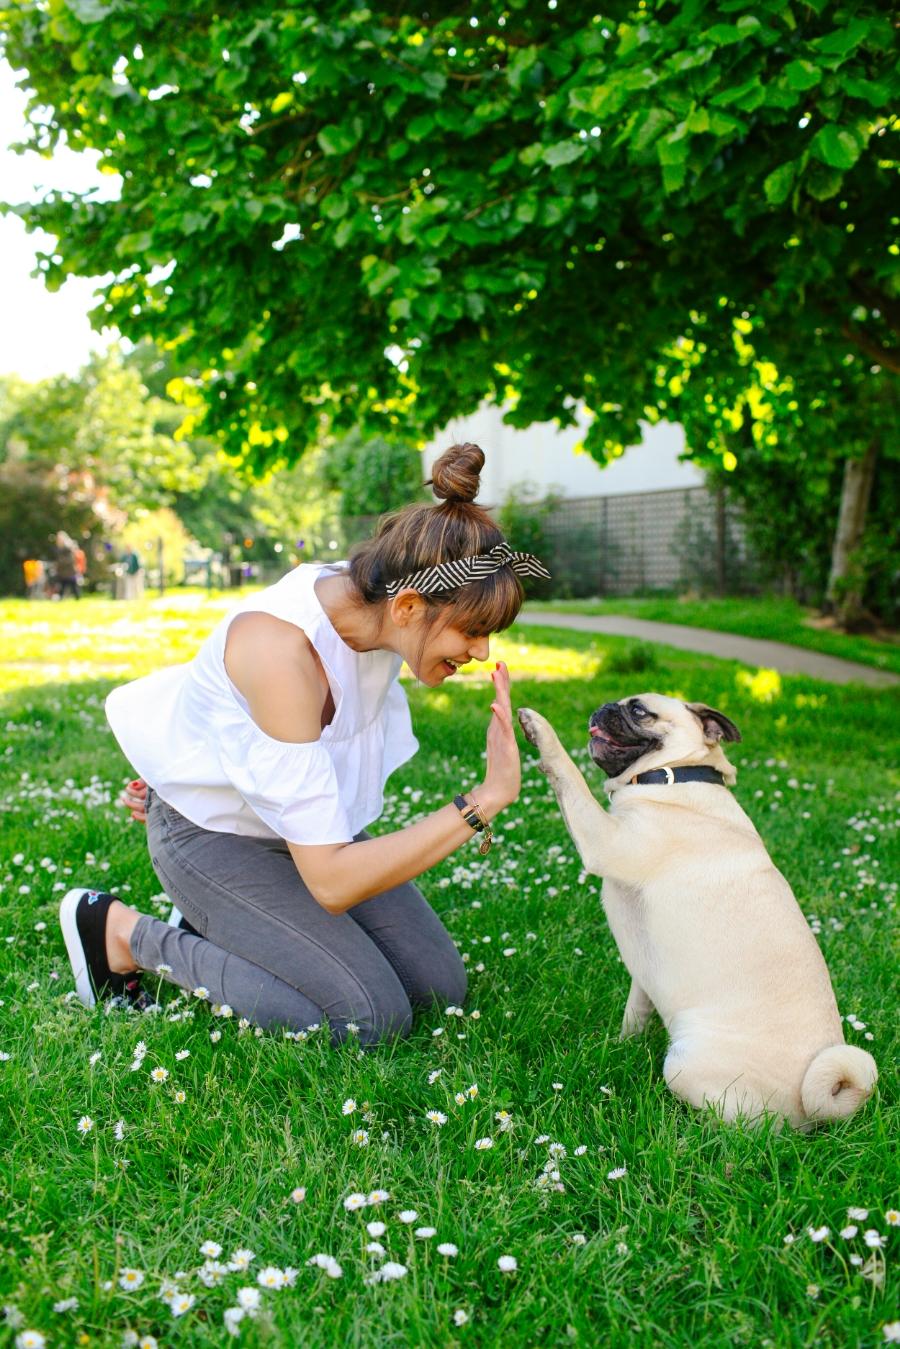 dogfashionblog-petfashionblog-london-honeyidressedthepug-ariandmm-pugfashion-humanandhoundstyle-dog-pug-pugswag-puglife-friendshipcollar-fashionablefriendships-london-coolpup-petfashion-vegancollar-twinning-summer-daisies-squishyface-streetstyle-petfashionblog-petblogger-londonblogger